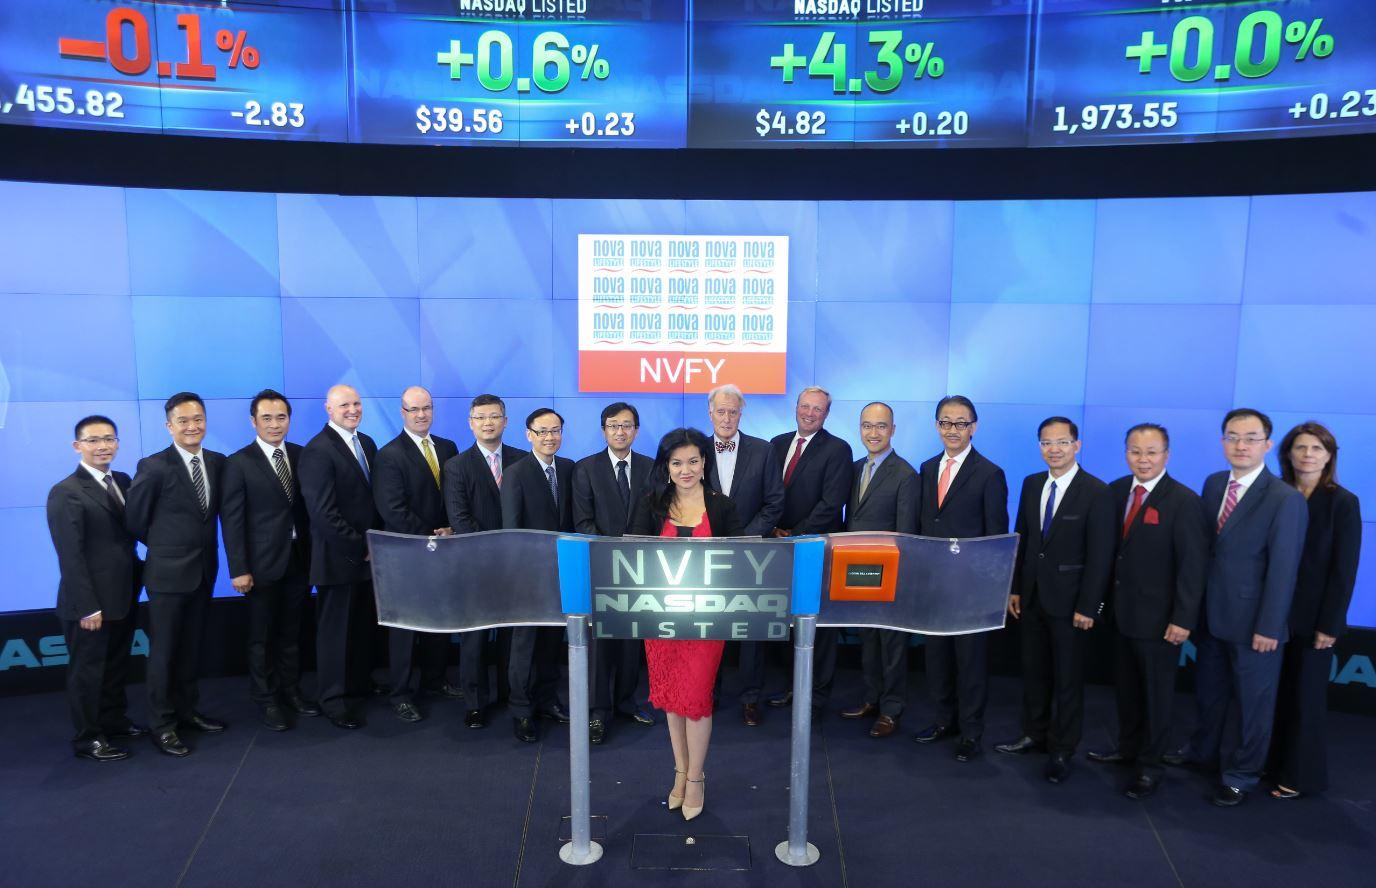 NASDAQ Bell Ringing Ceremony July 2, 2014